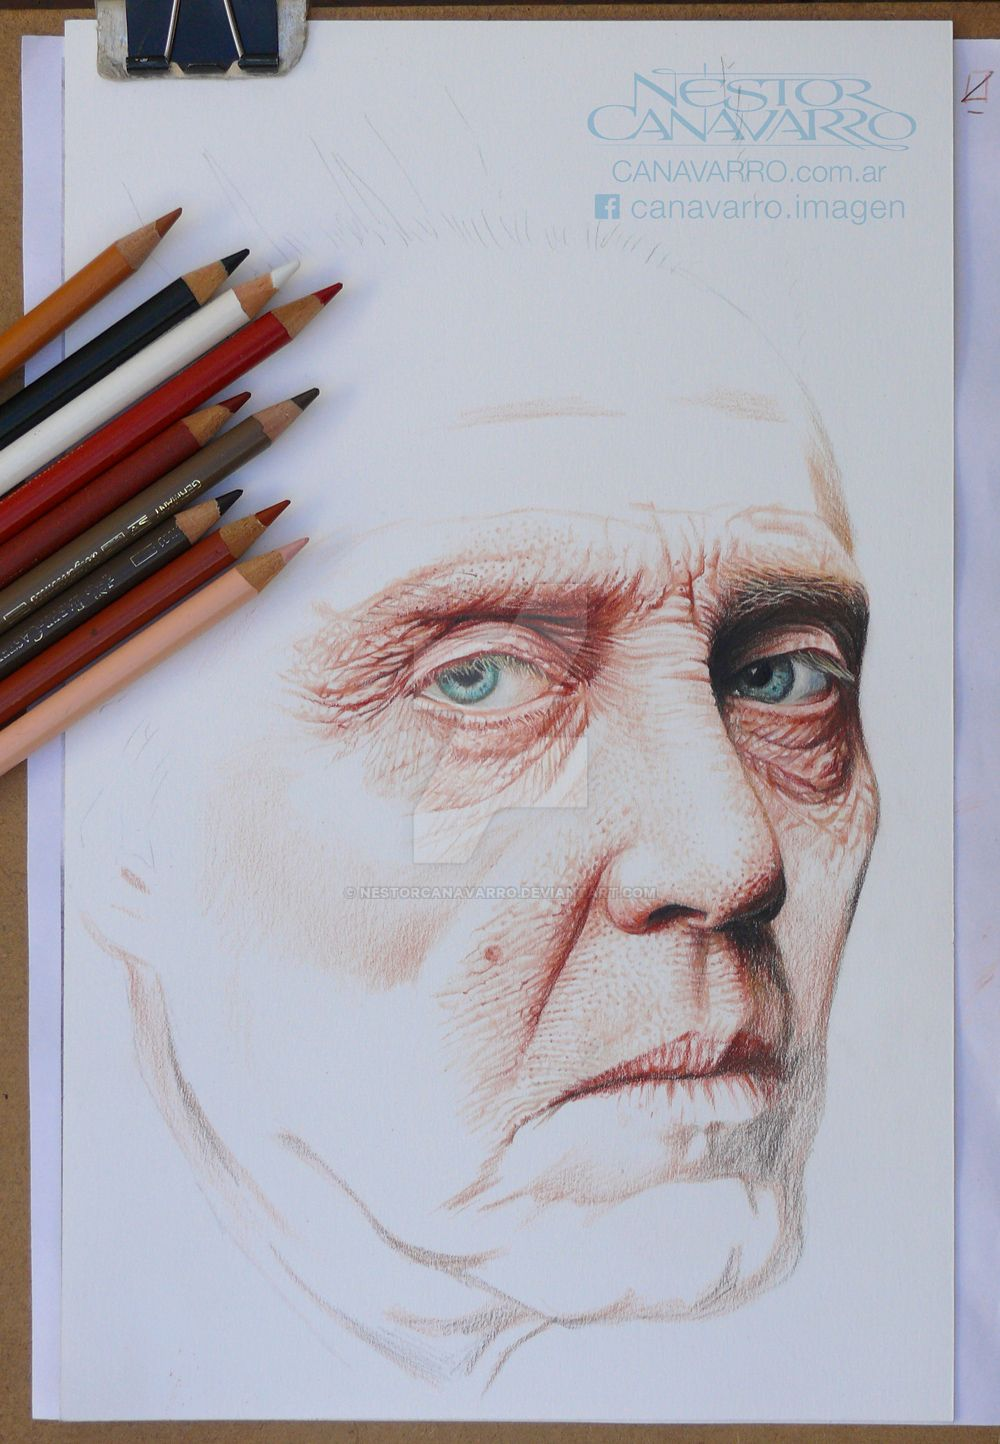 Christopher Walken - Color pencils on paper WIP-2 by NestorCanavarro